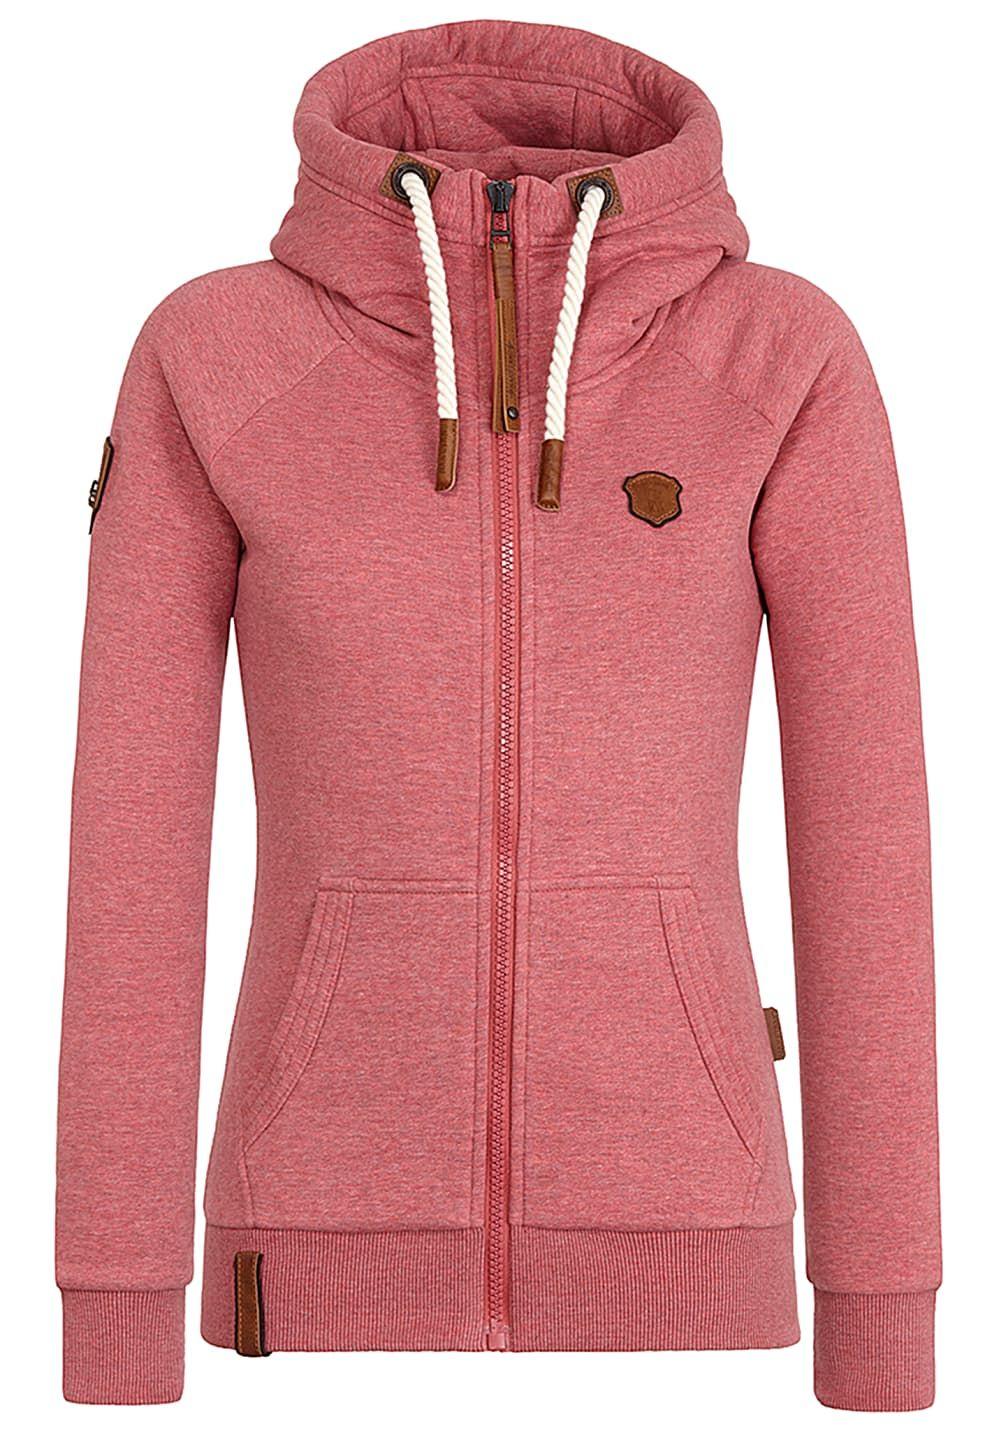 Naketano Brazzo Kapuzenpullover Fur Damen Pink Jetzt Bestellen Unter Https Mode Ladendirekt De Damen Bekleidung Kapuzenpullover Kapuzenjacke Bekleidung